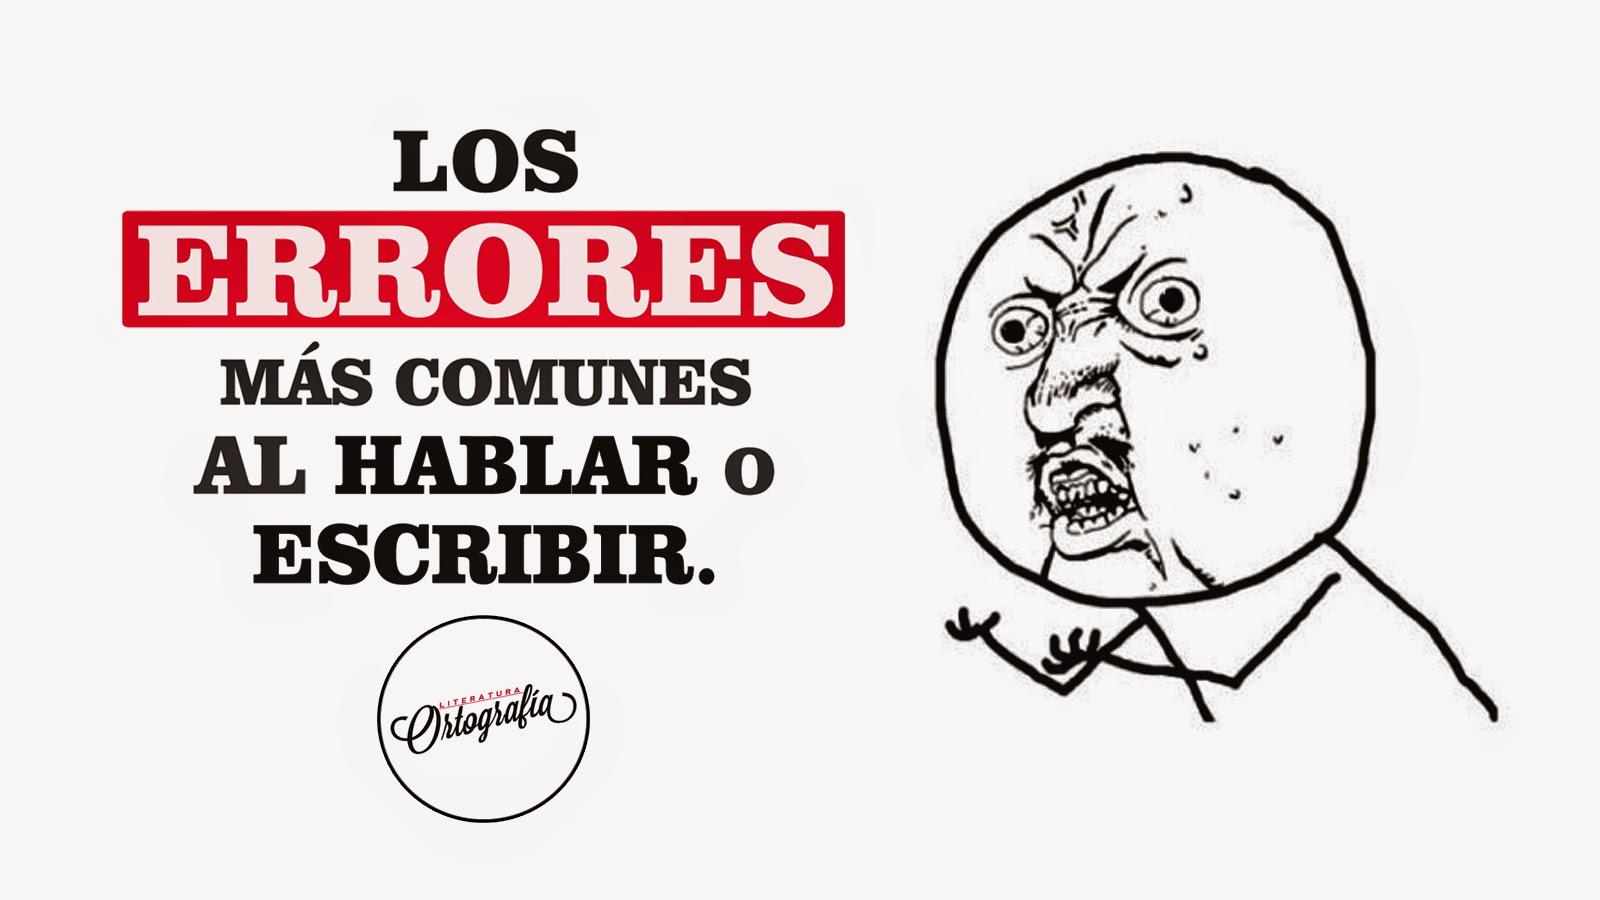 Los Errores Mas Comunes Al Hablar O Escribir Ortografia Literatura